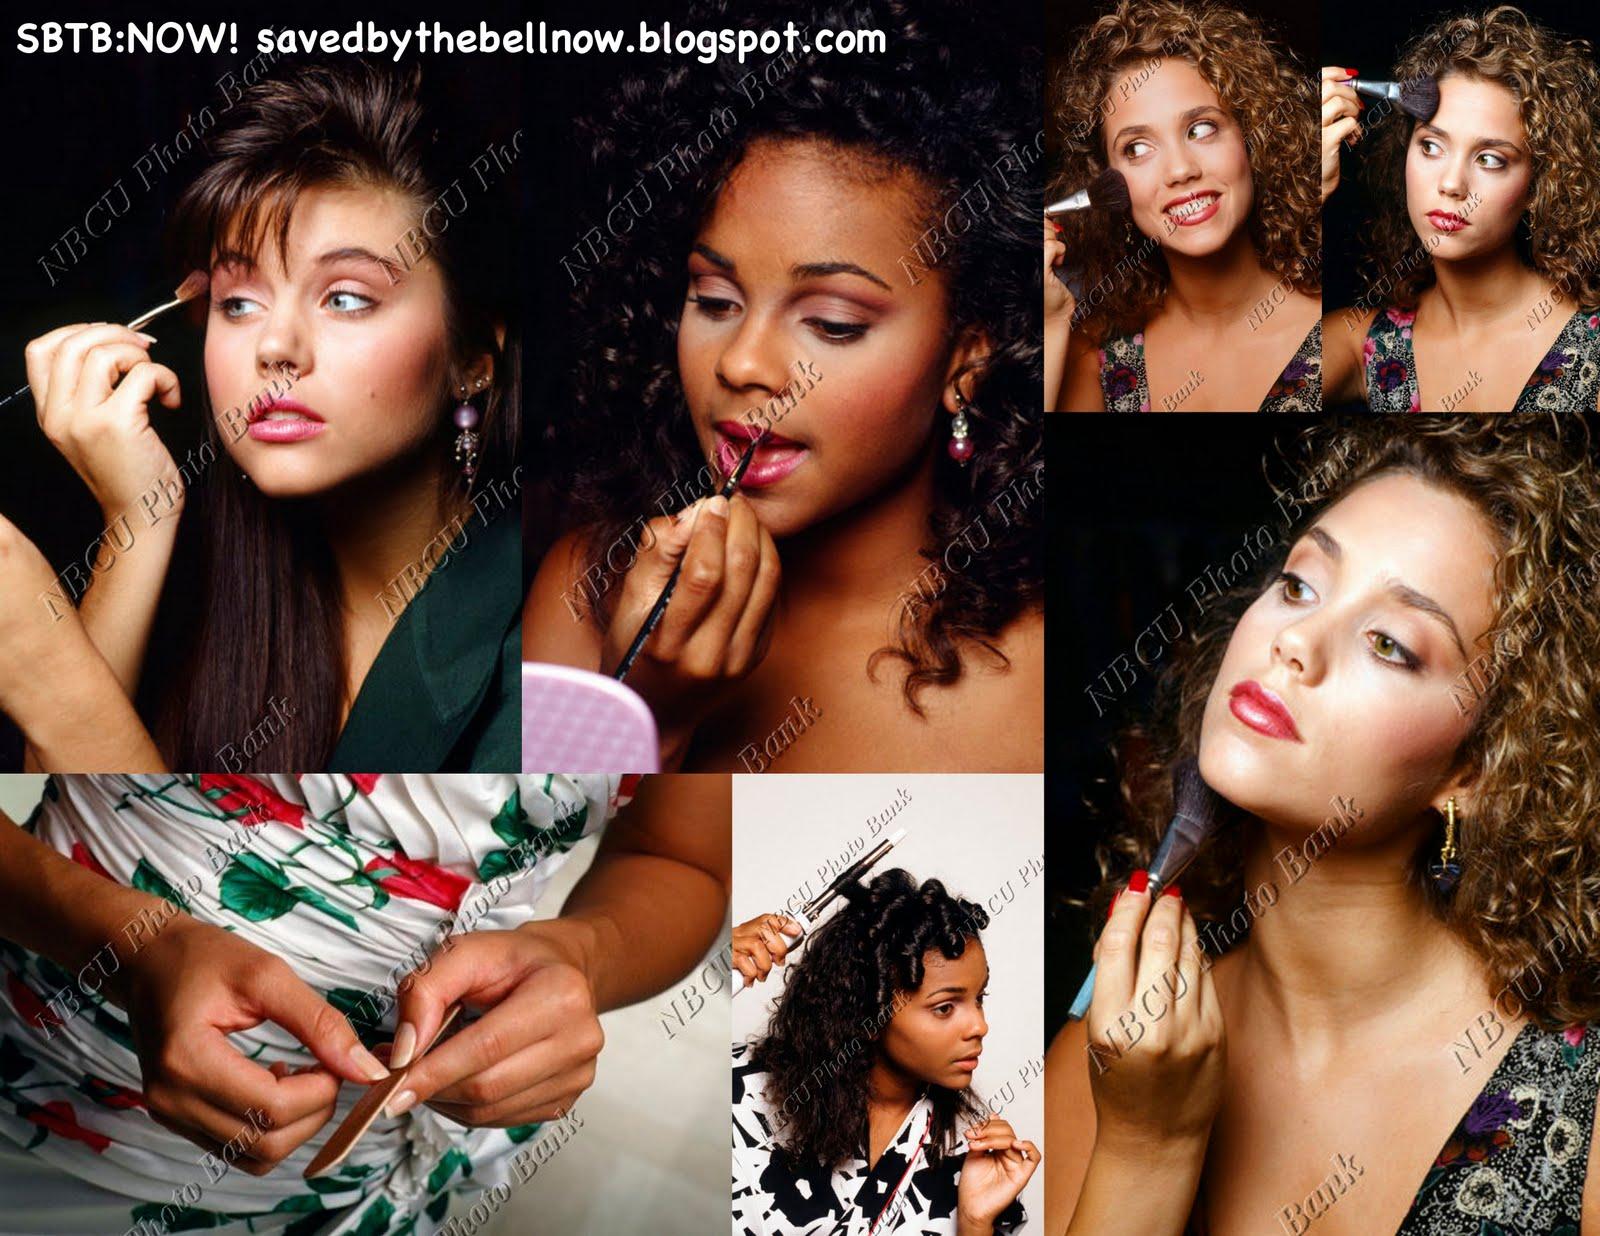 http://1.bp.blogspot.com/_HM2Hwl41kqU/TKtkahnVQkI/AAAAAAAAAQU/uue7MiHm2cw/s1600/sbtbgirlsbeauty.jpg